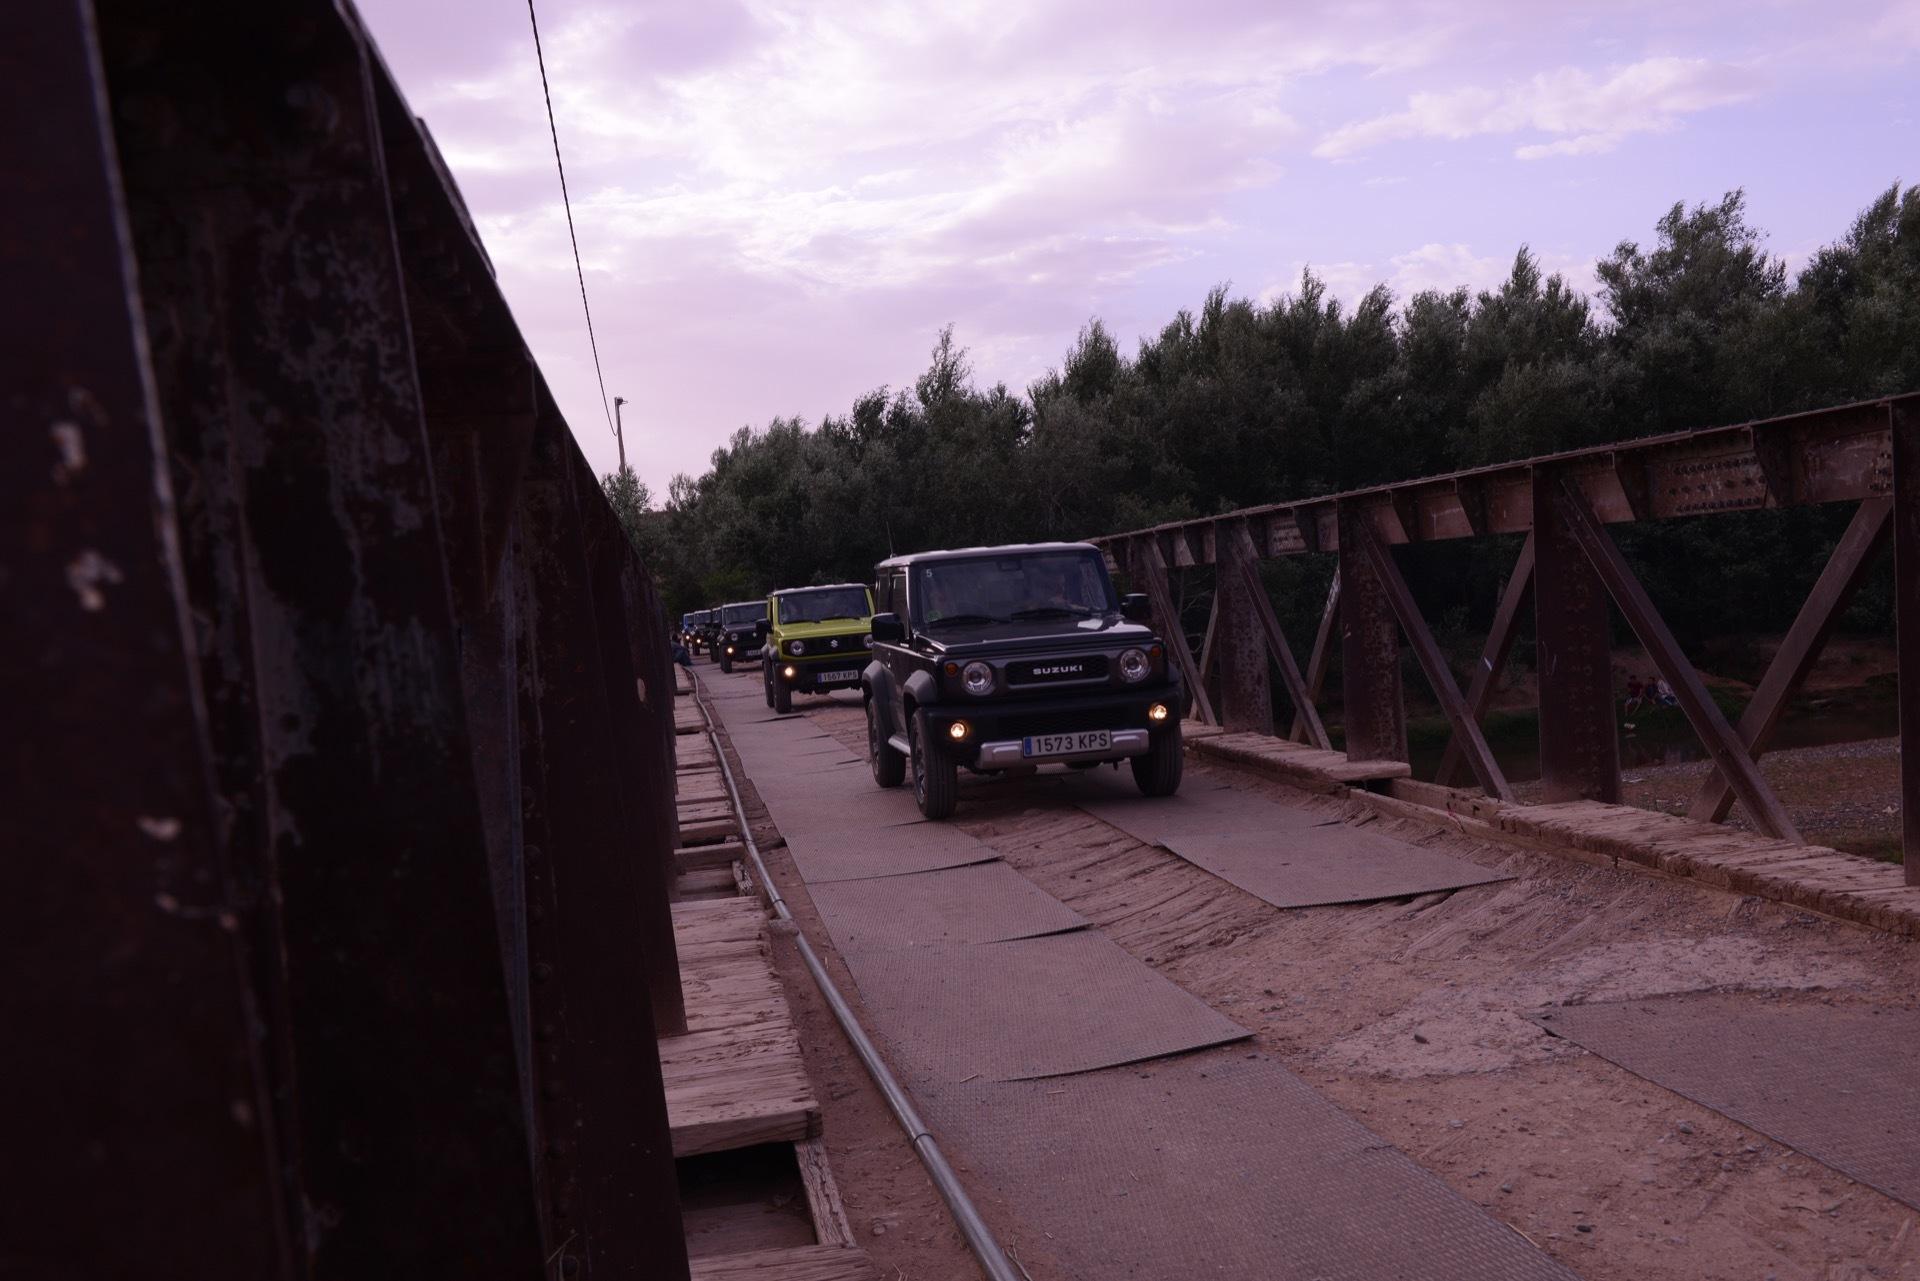 Suzuki Jimny Desert Experience 2019 00054